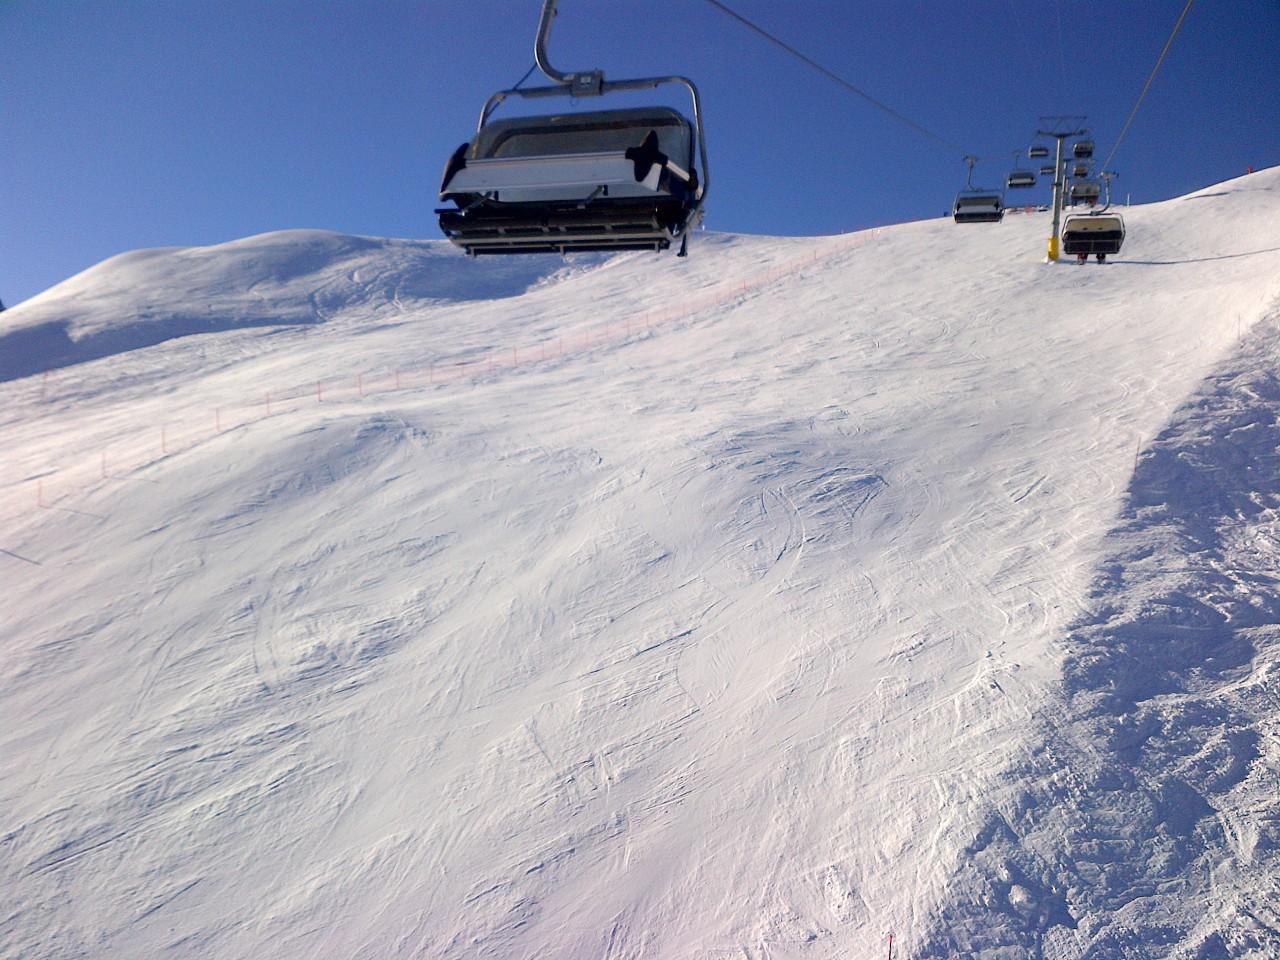 Wintersport: Menschenleere Piste auf der Corviglia ob St. Moritz  im Oberengadin